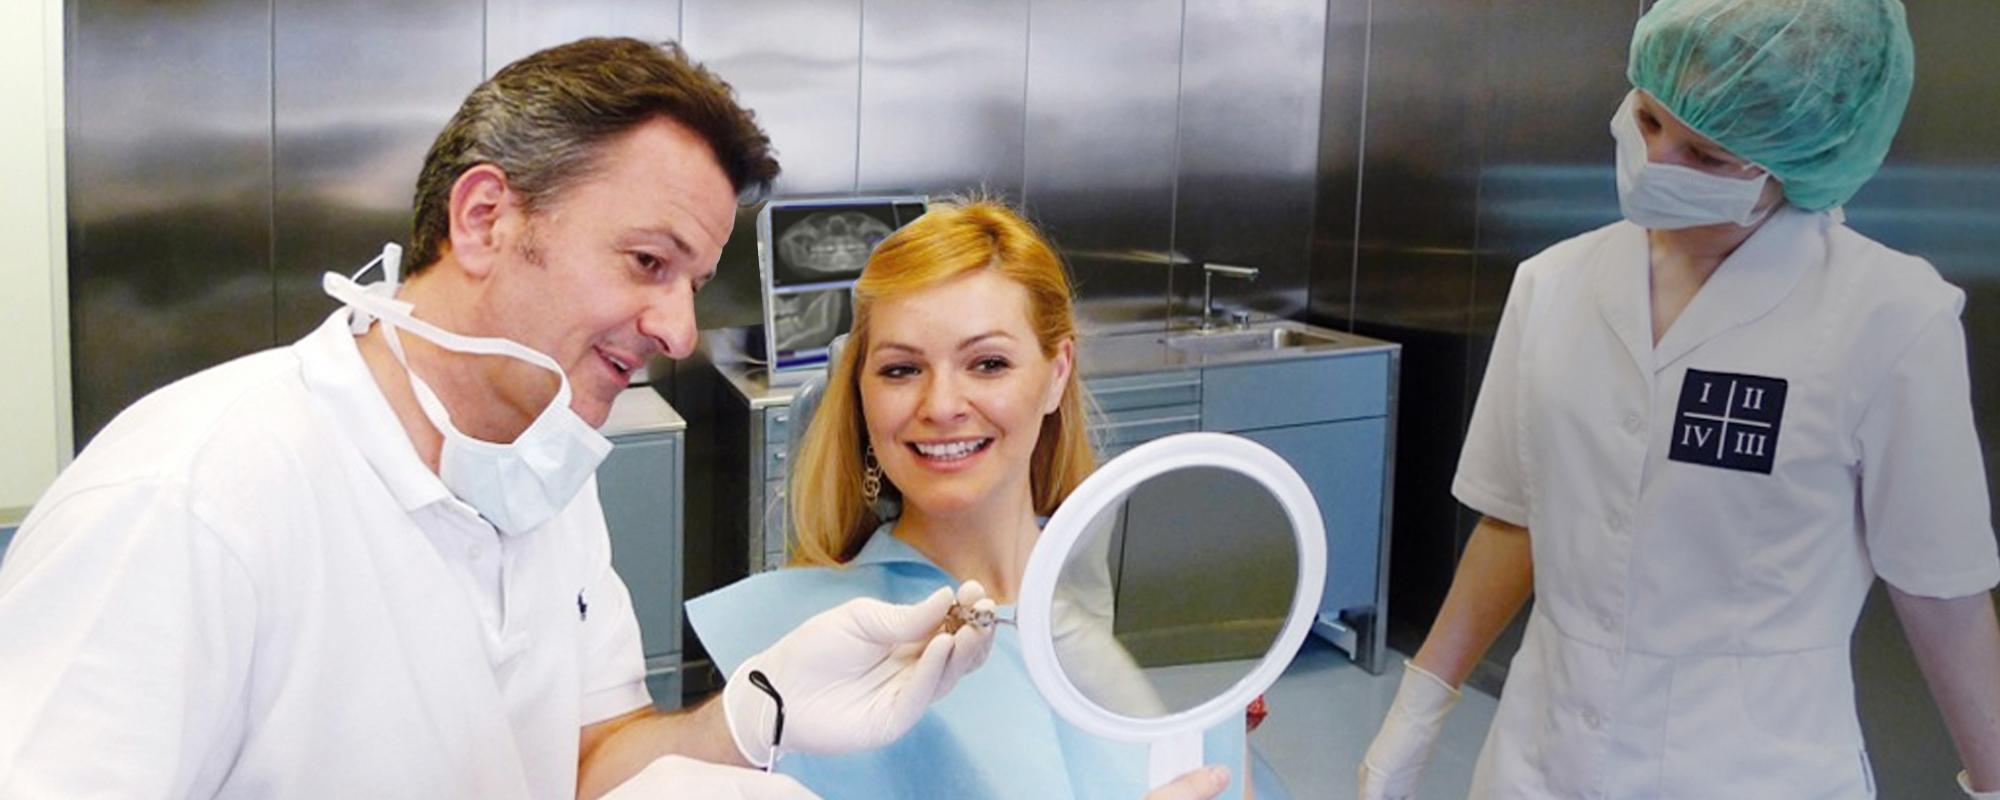 Zahnheilkunde ohne Kompromisse